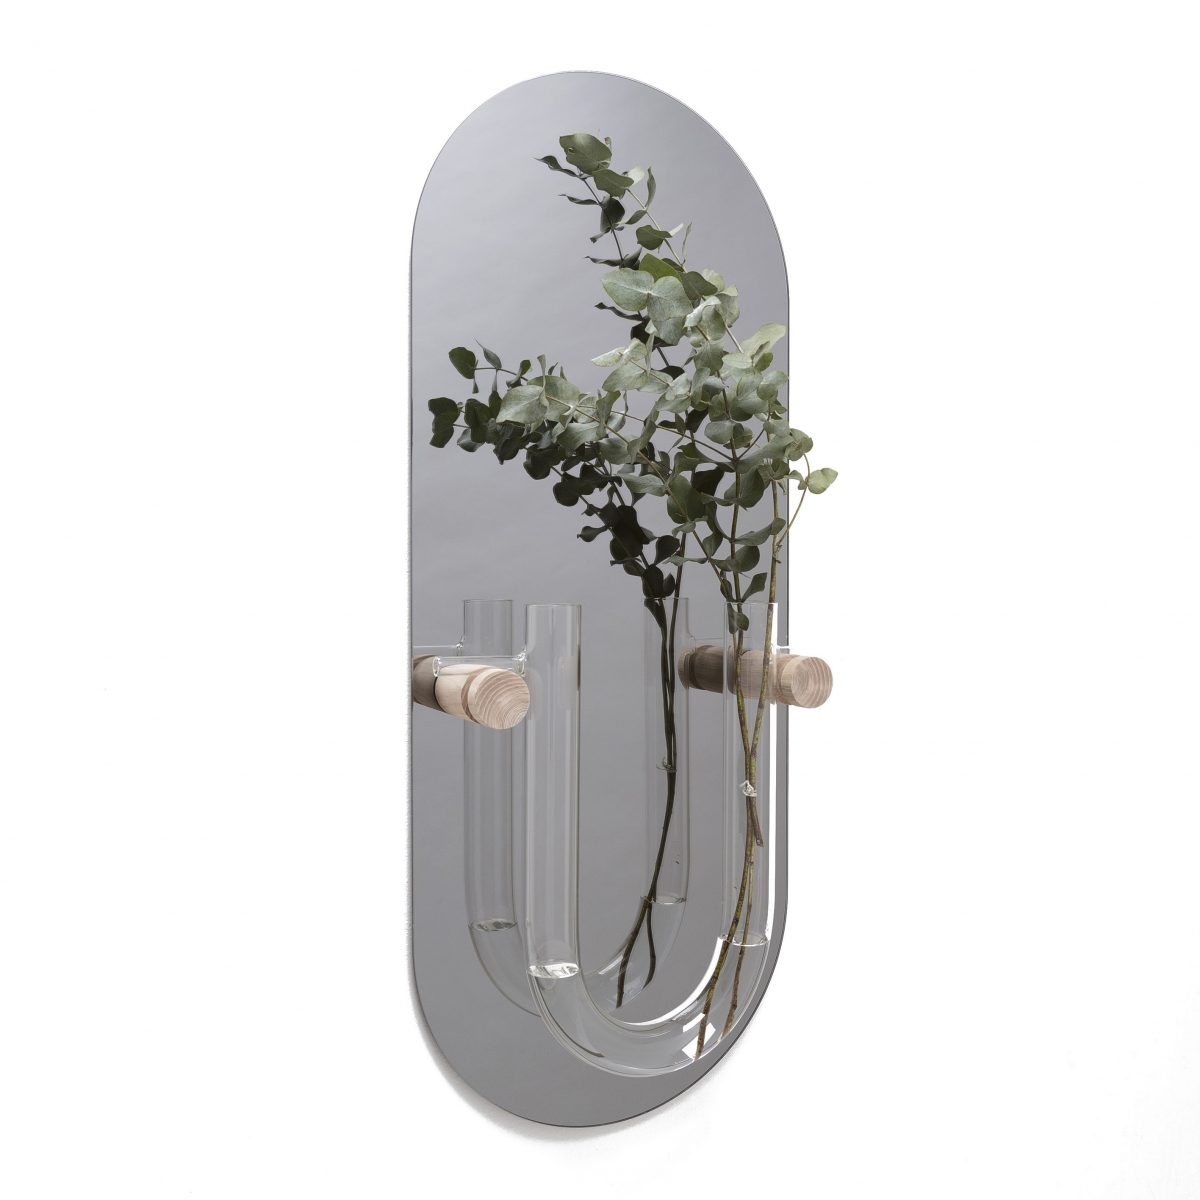 Vantjalleenjasper YouTube L Gray Mirror Vase Reageerbuis